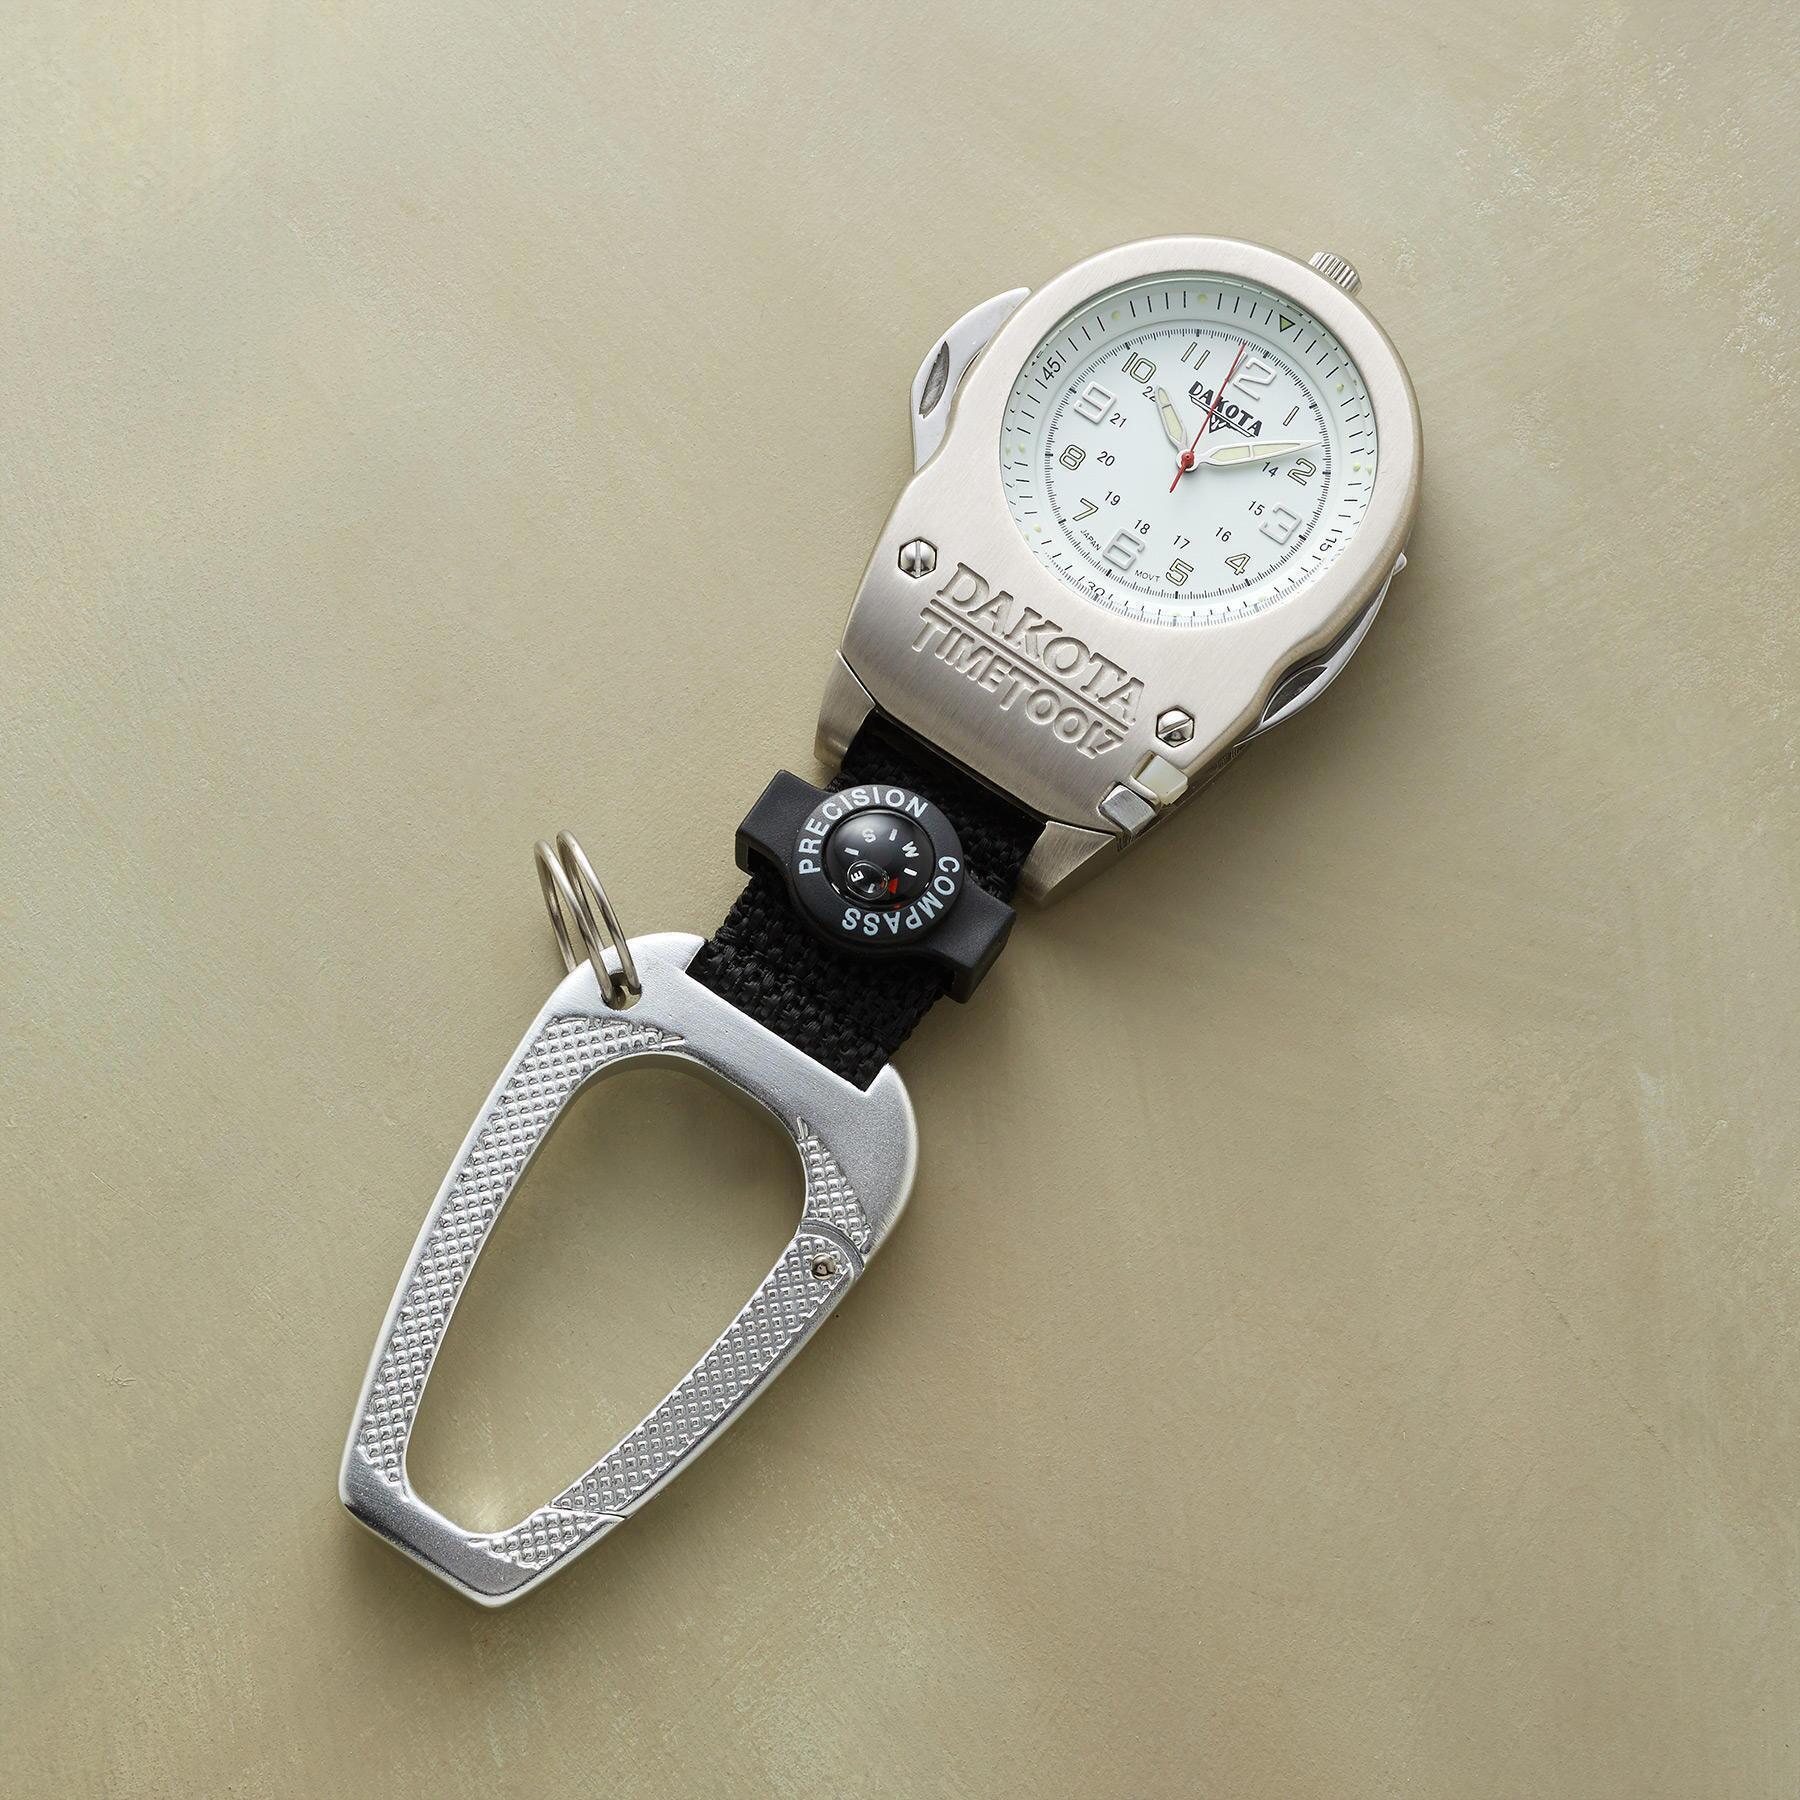 TIMEKEEPER TOOL: View 1